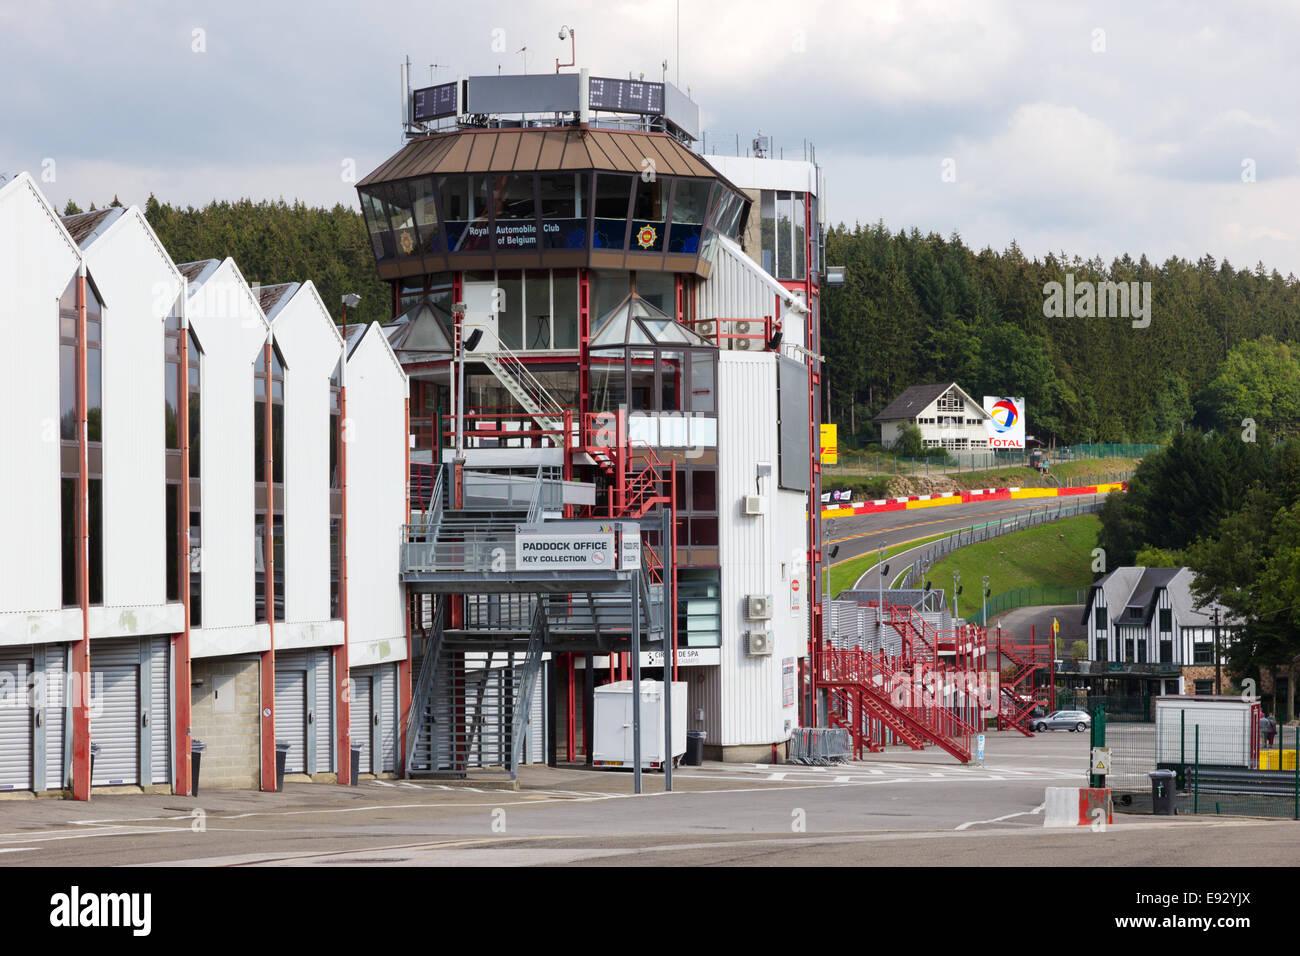 Kontrollturm für die Rennstrecke von Spa-Francorchamps in Spa, Belgien. Stockbild